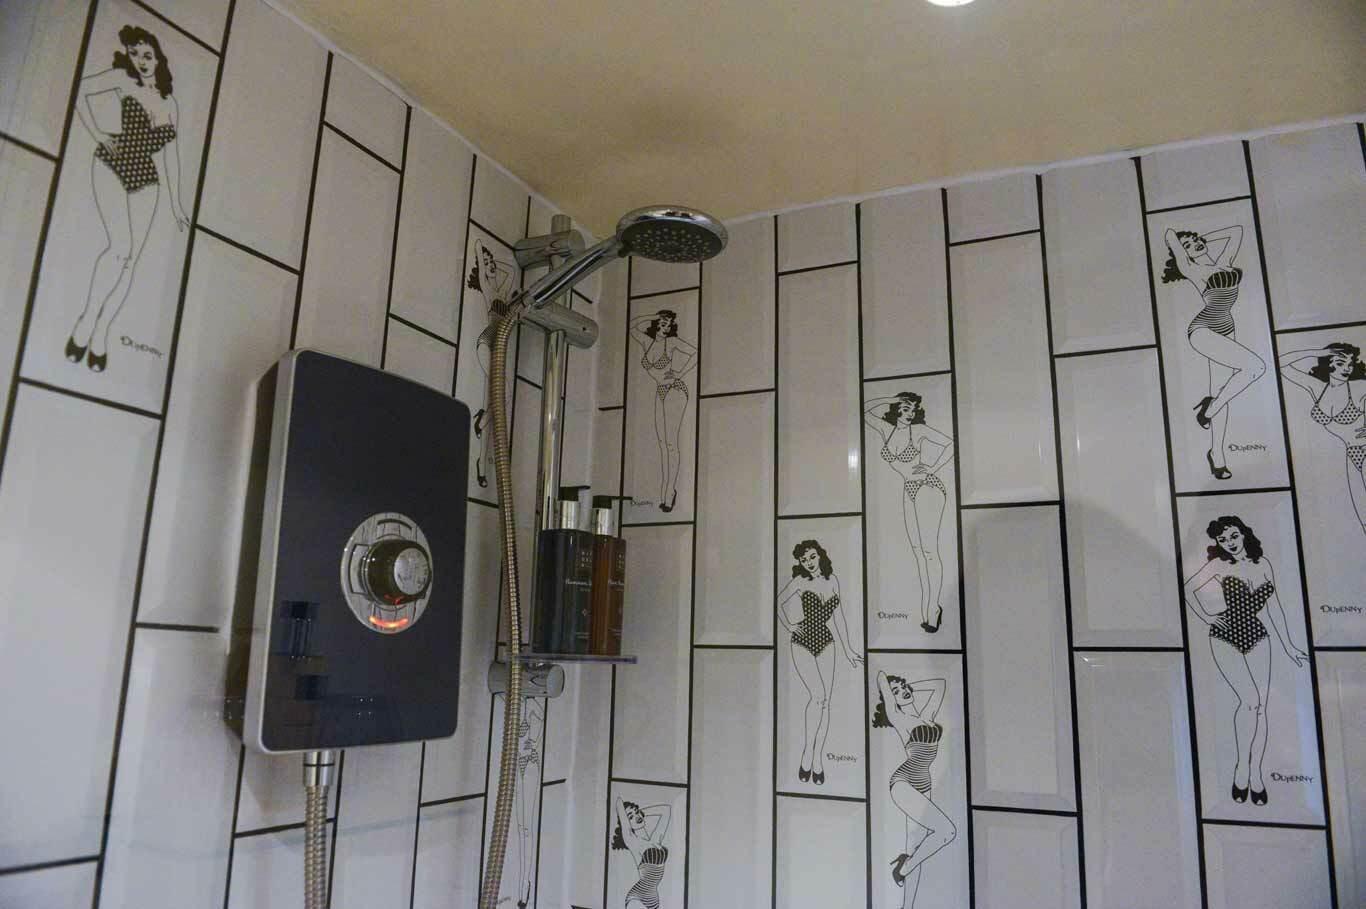 интерьер ванной комнаты, декор стен плиткой с рисунками в стиле пин-ап